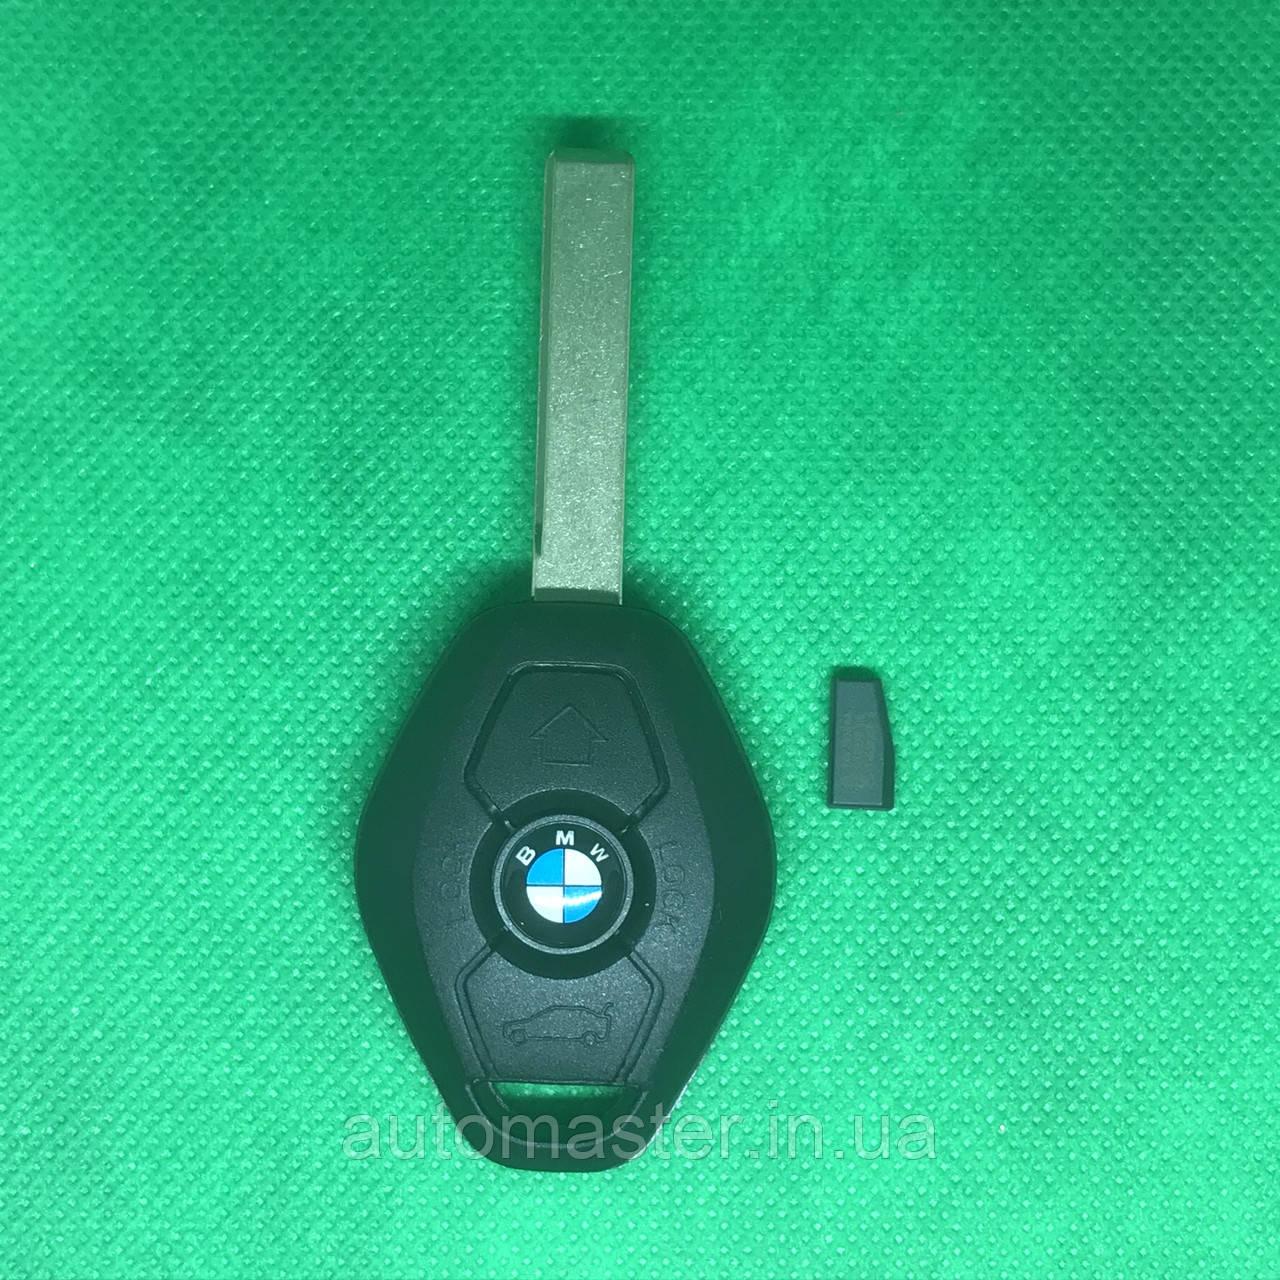 Ключ БМВ Bmw 3, 5, 7, x5 Лезвие HU92 EWS чип PCF7935 ID 44 315Mhz / 433Mhz